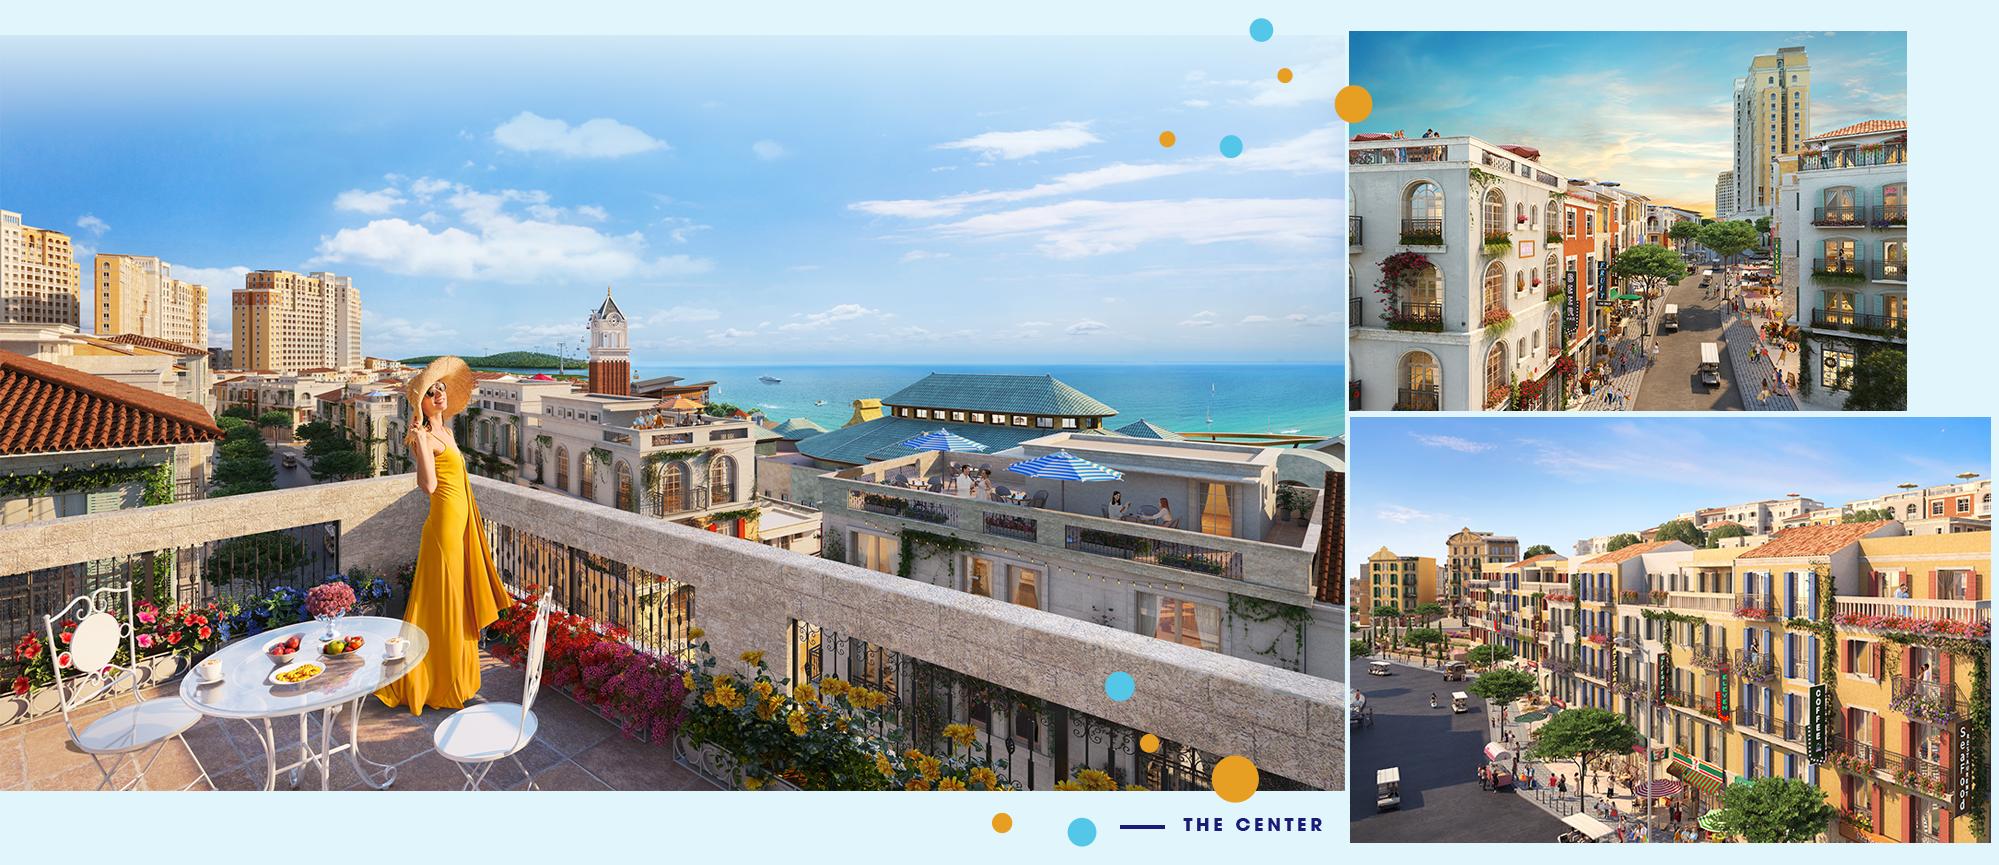 Sun Grand City Hillside Residence giải bài toán quy hoạch đô thị Nam Phú Quốc - Ảnh 9.